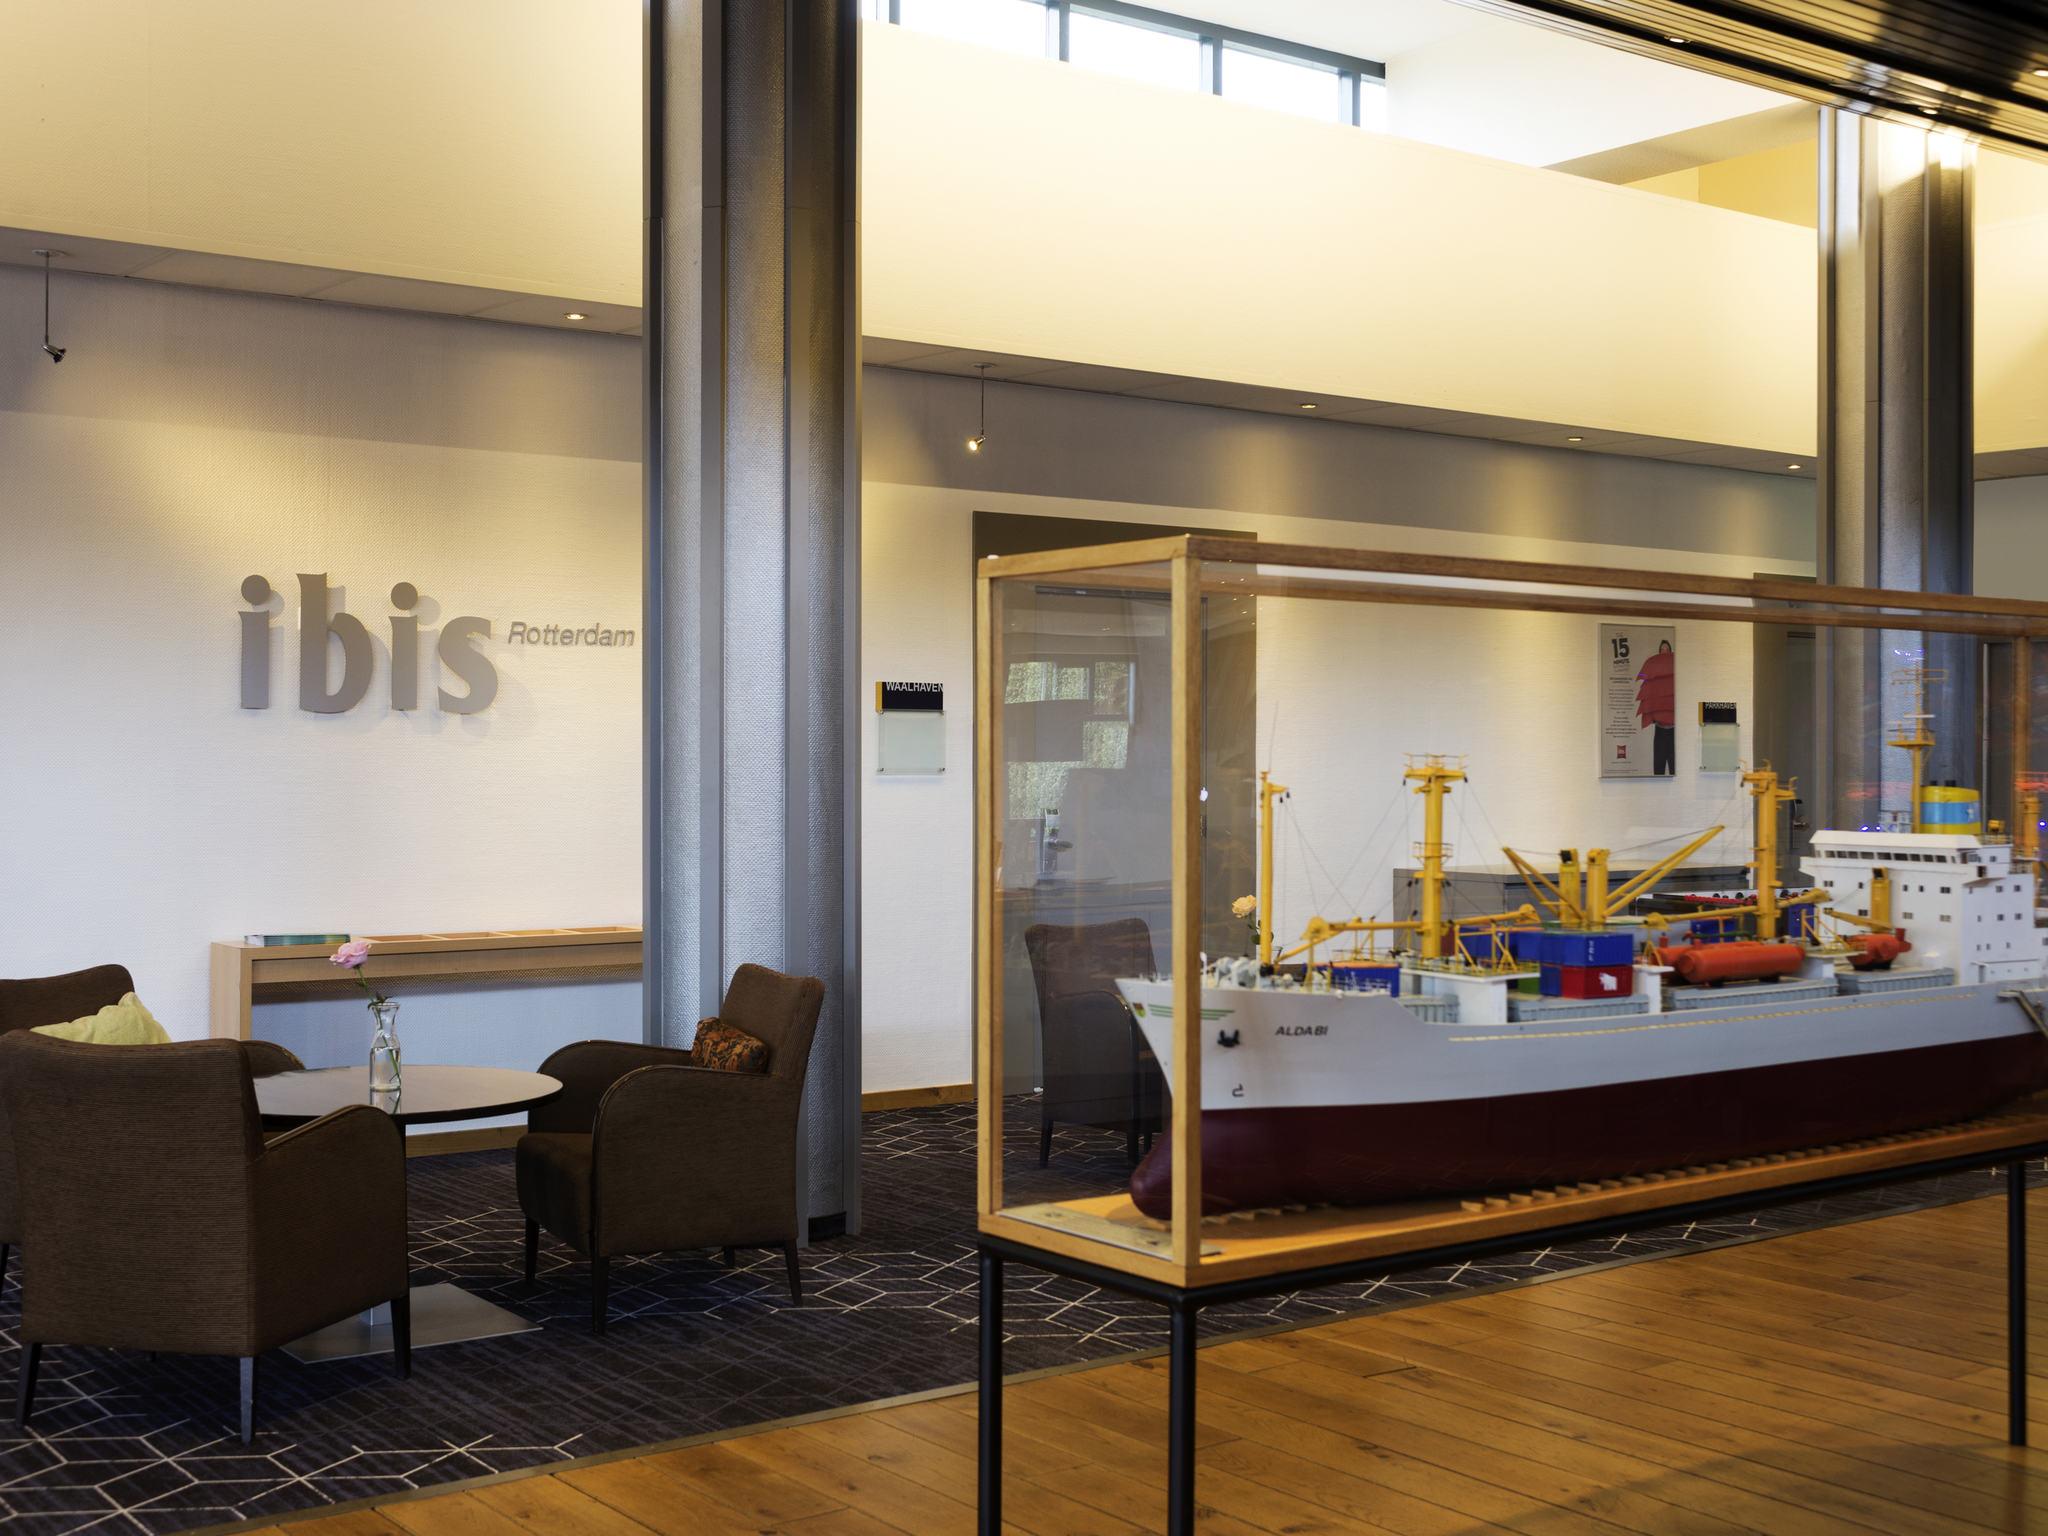 Hotel – ibis Rotterdam Vlaardingen